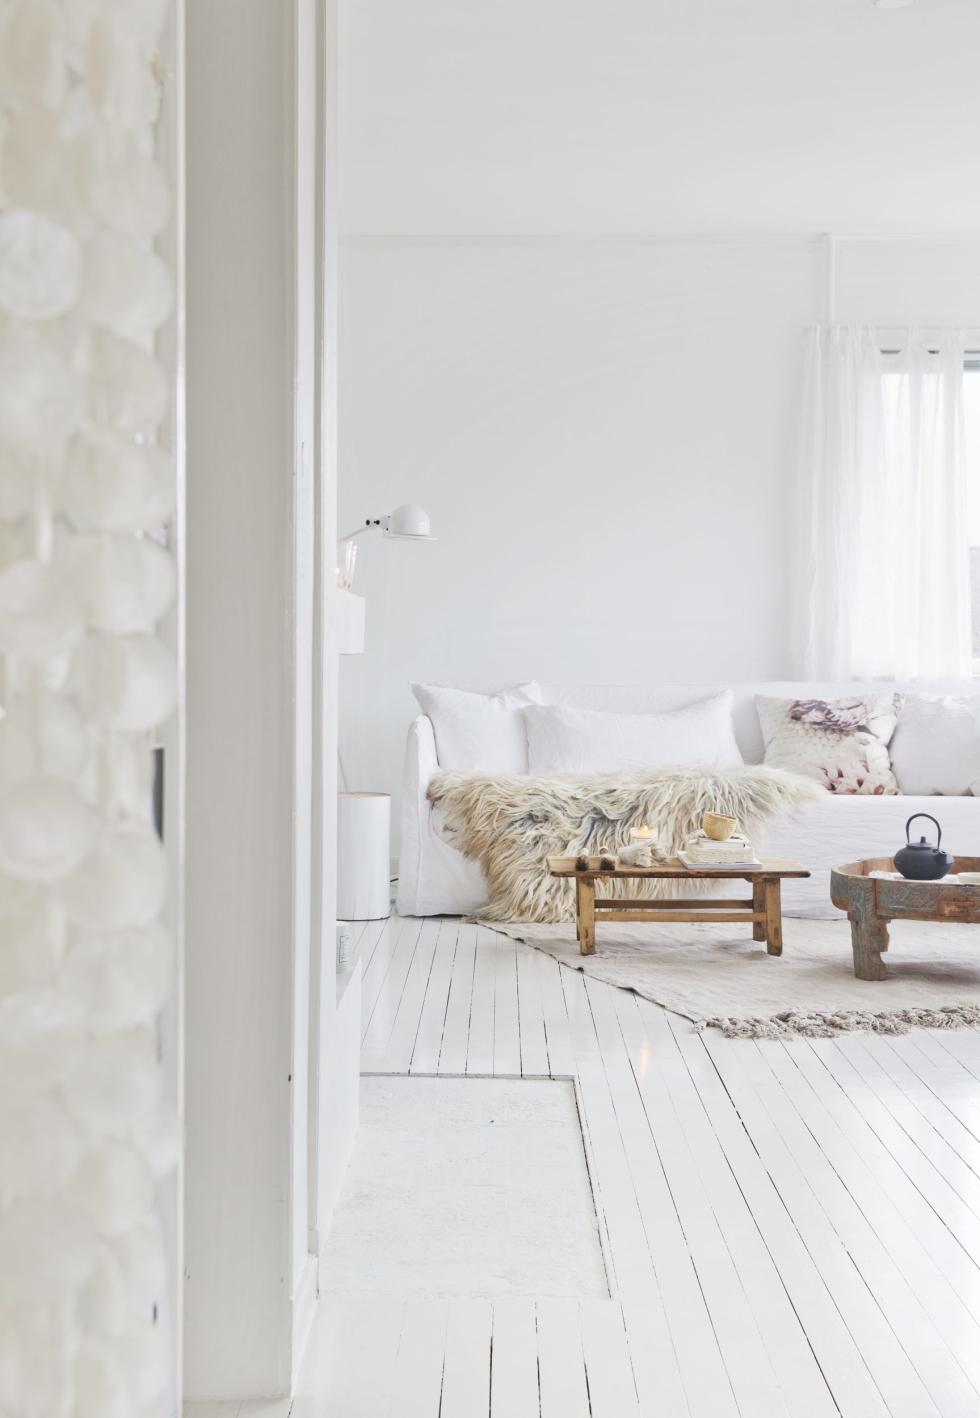 Salón blanco de estilo nórdico en la casa de la estilista y fotógrafa Line Kay